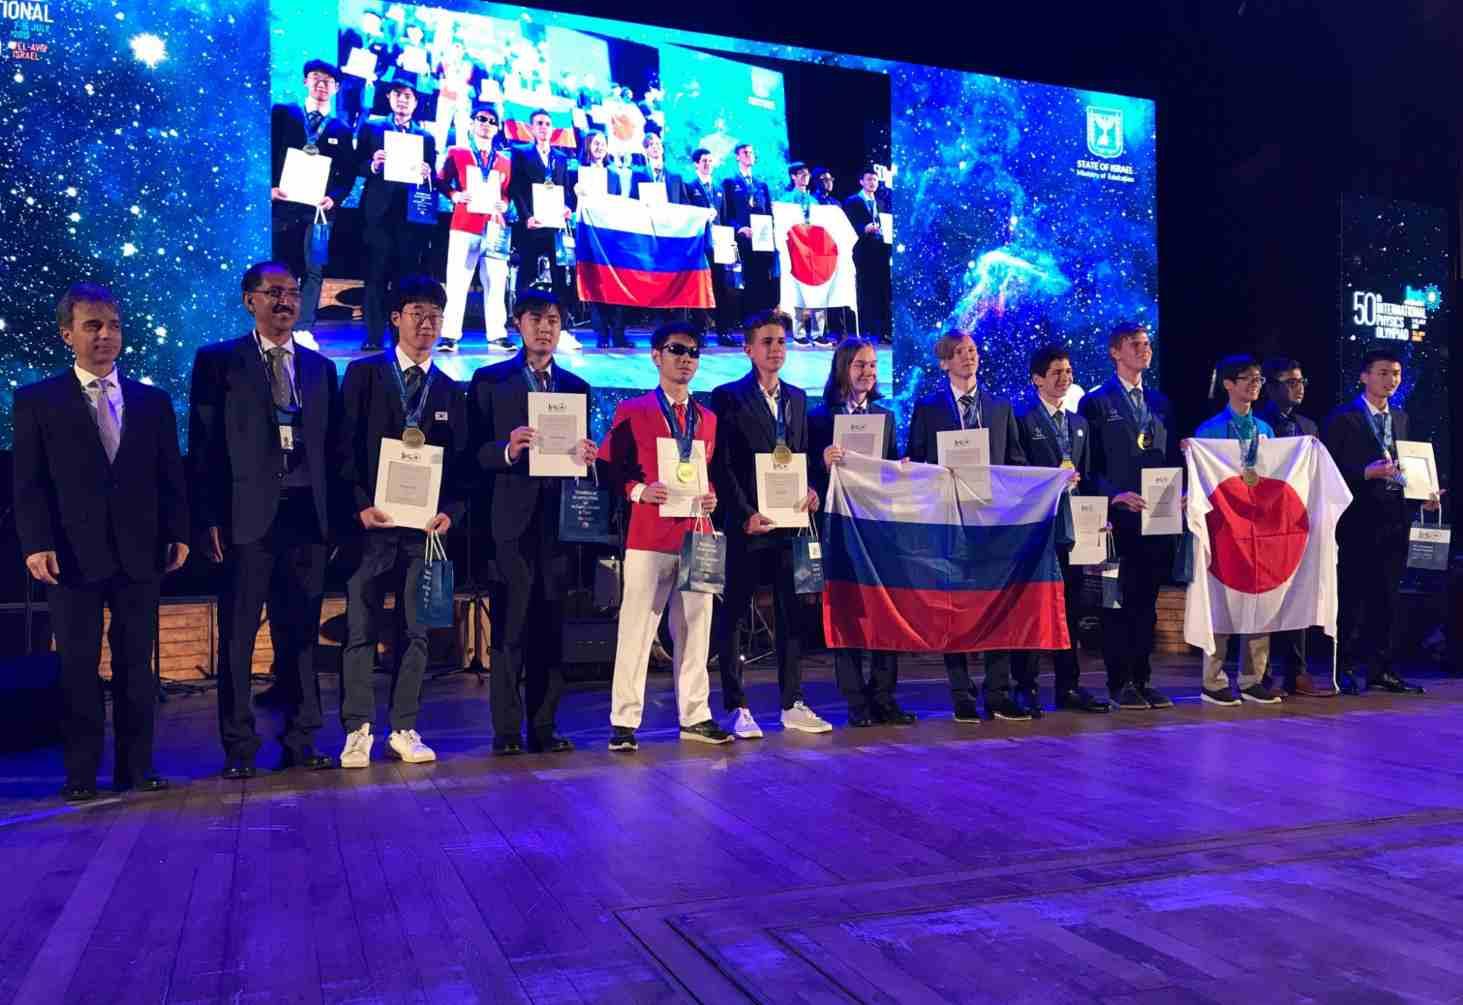 rossijskie-shkolniki-zavoevali-pyat-medalej-na-mezhdunarodnoj-olimpiade-po-fizike